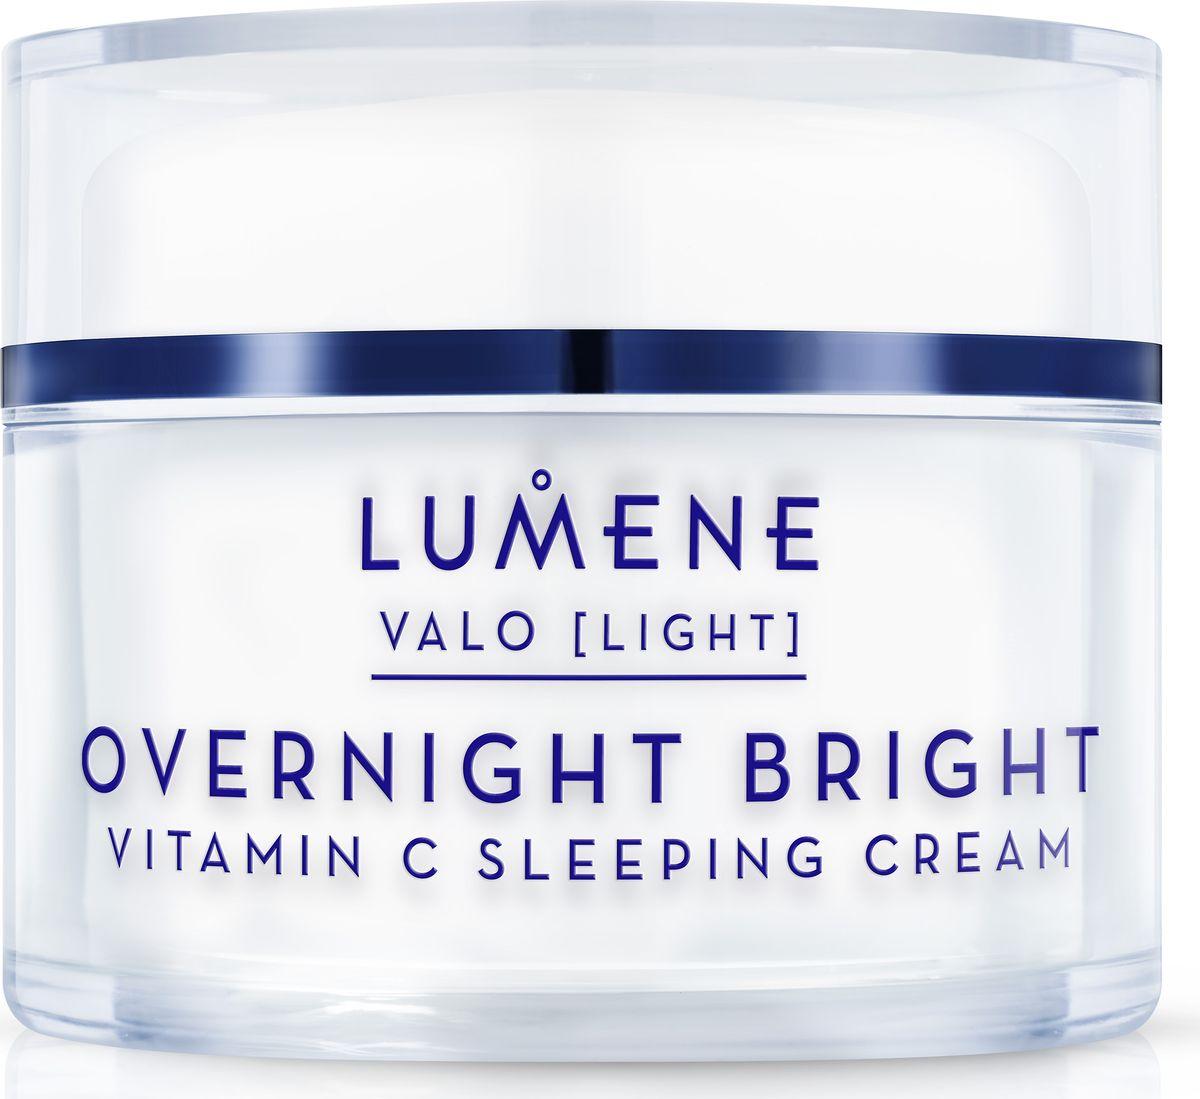 Lumene Valo Восстанавливающий крем-сон Vitamin C, 50 млNL581-80228Ночной крем восстанавливает и глубоко питает кожу,избавляет от следов усталости и эффективно борется с мелкими морщинками.